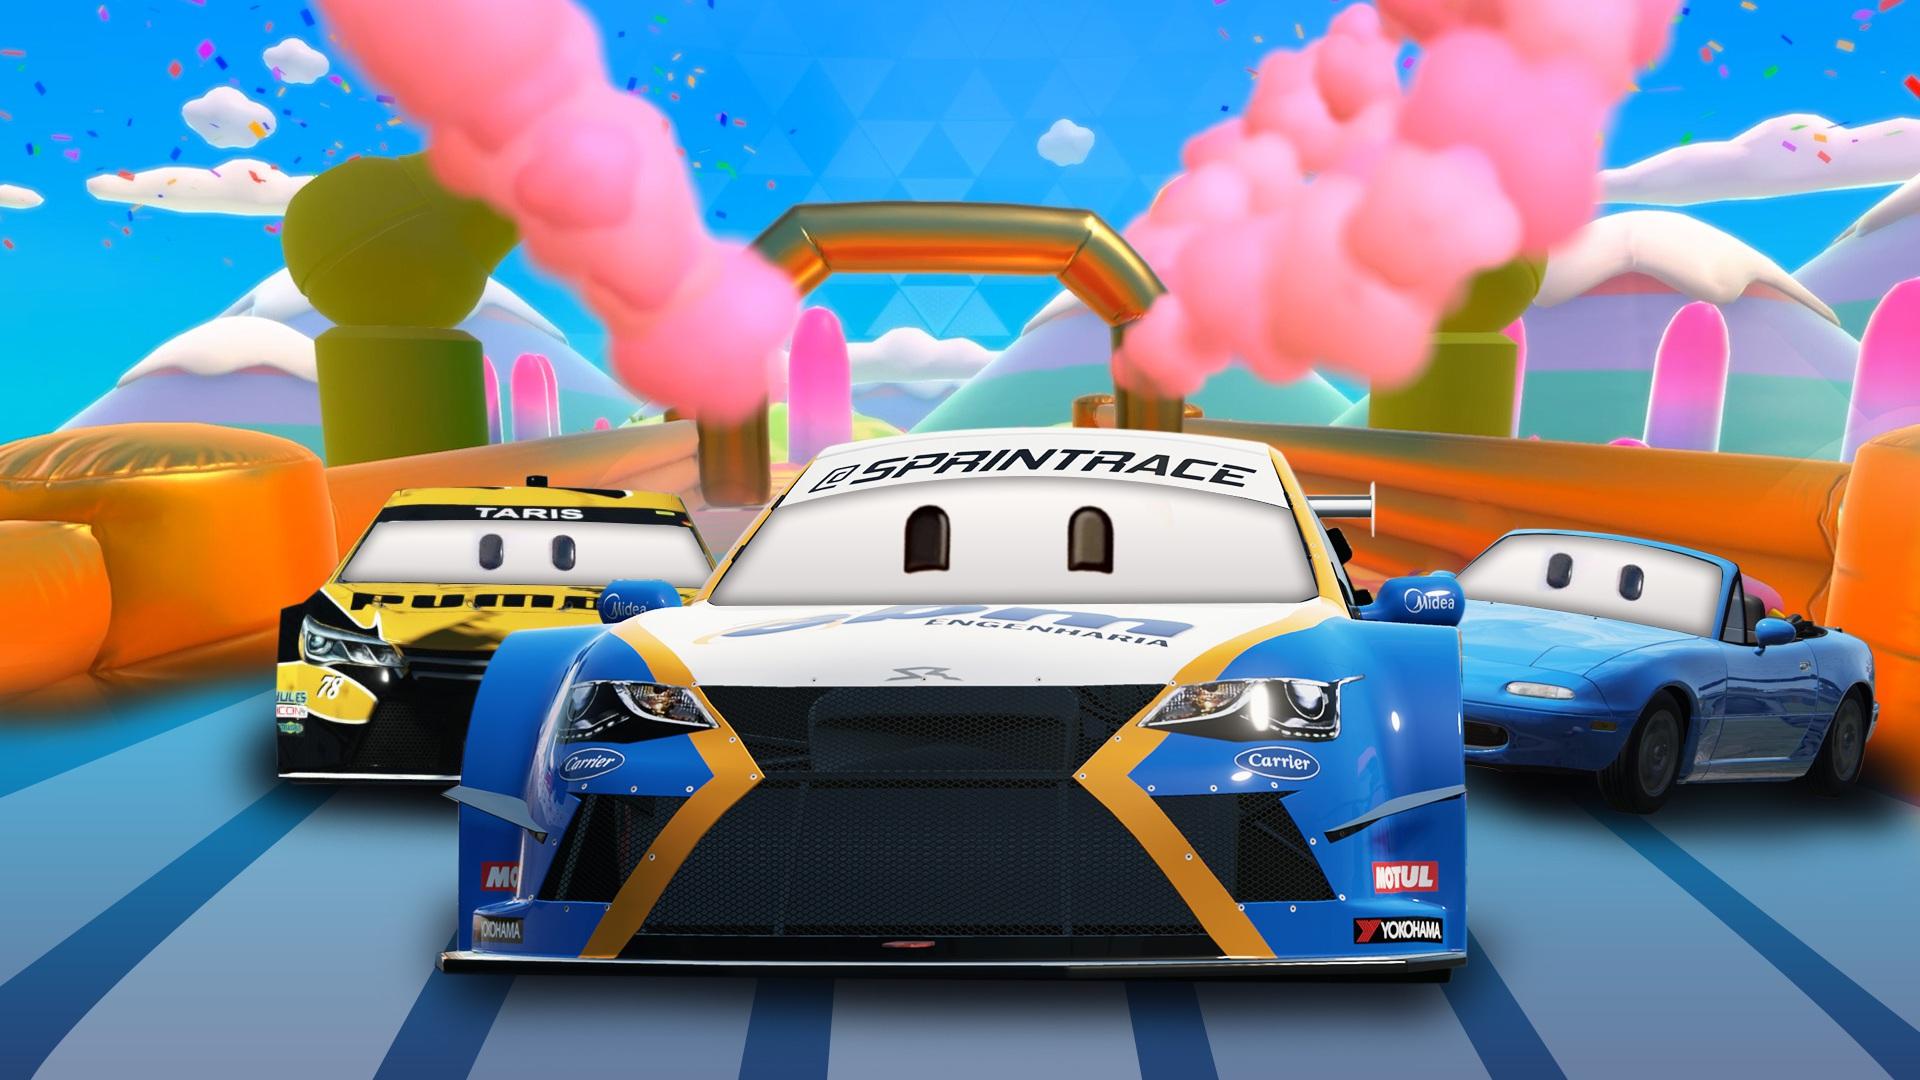 2021年迎新年特别赛-Automoblista 2第一场